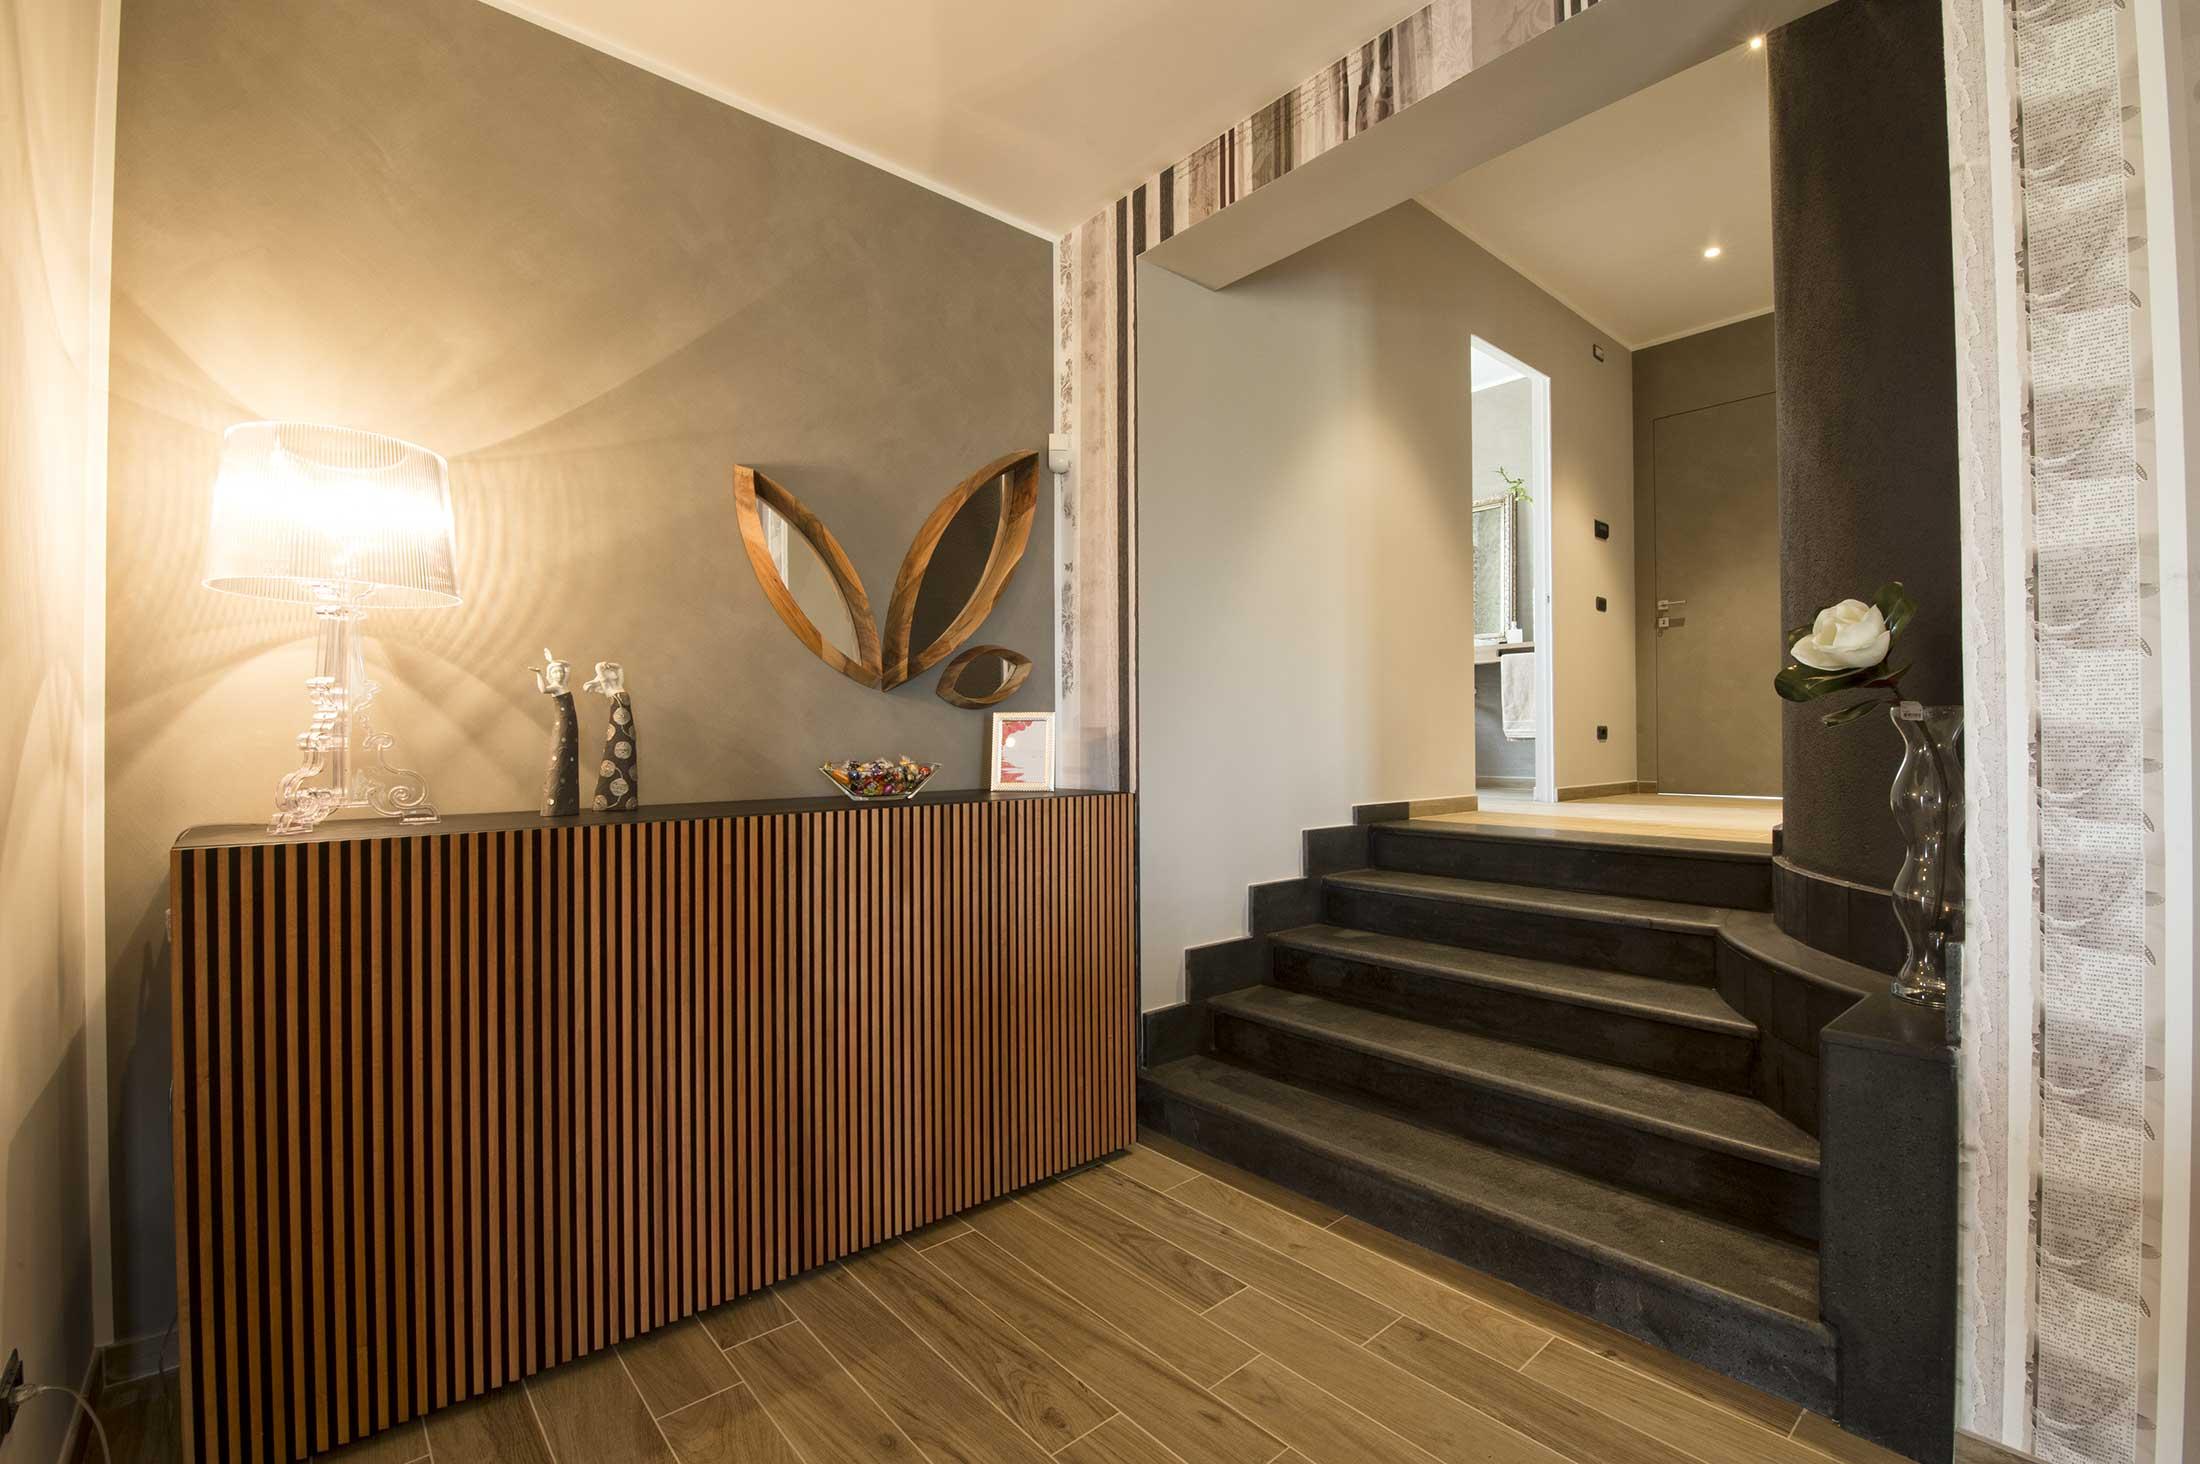 Abitazione-privata-Pensiero-Addessi-Design (9)